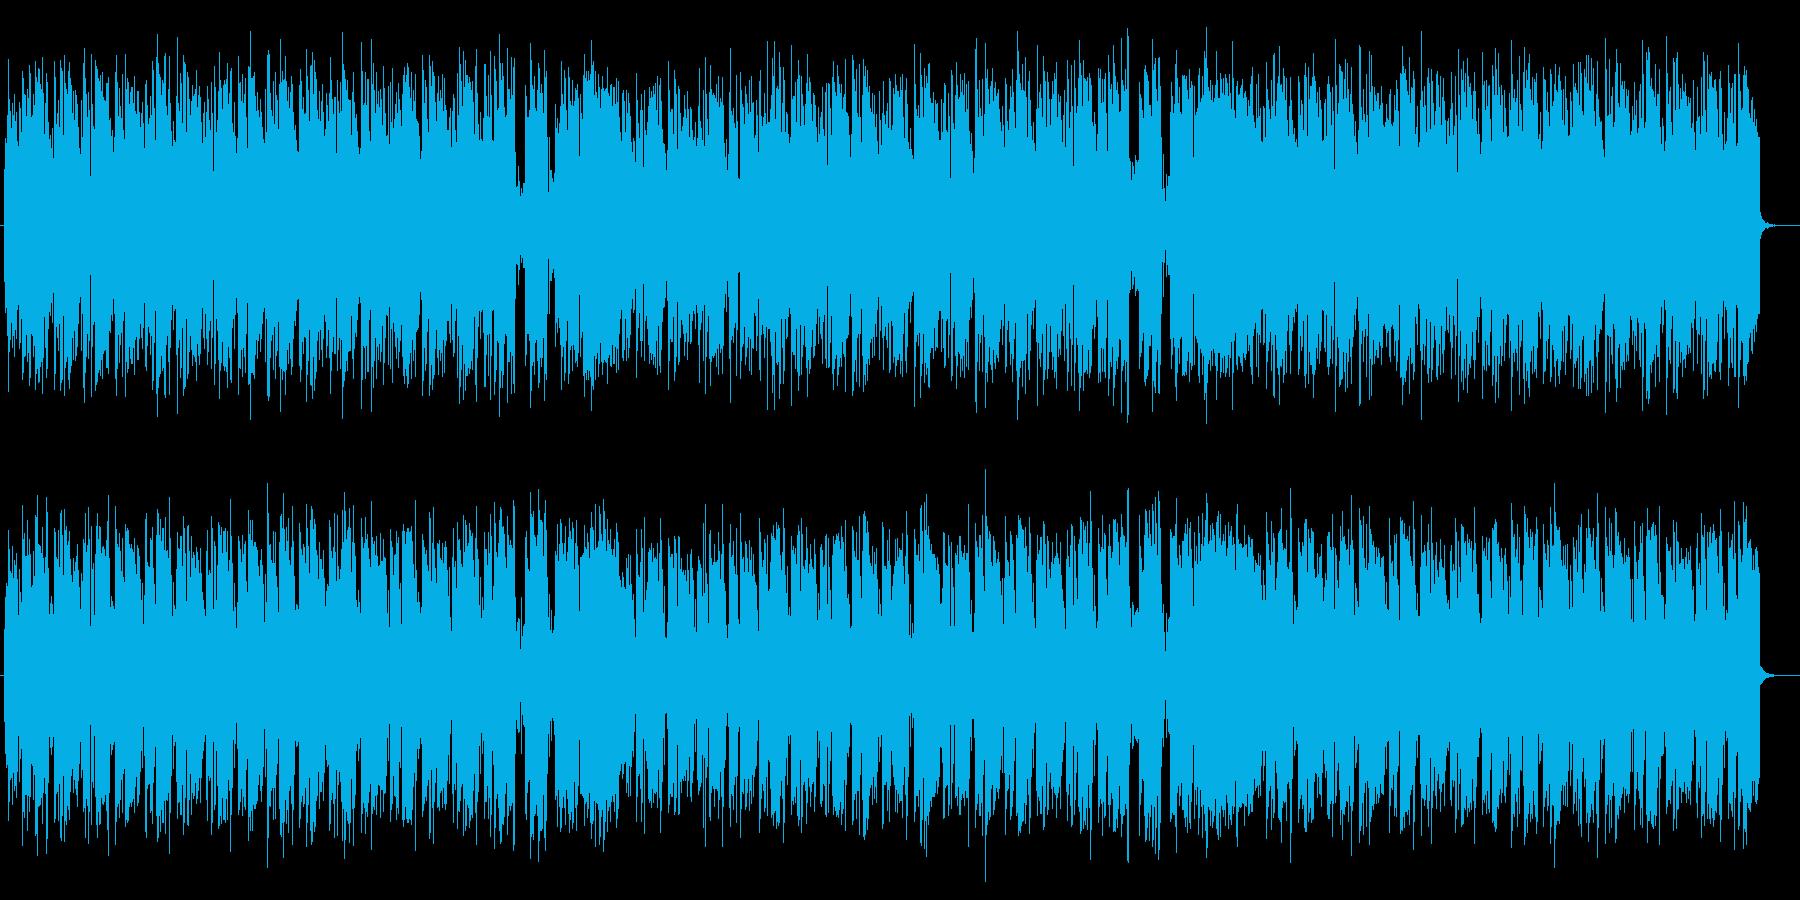 軽快なリズムのミディアムポップスの再生済みの波形